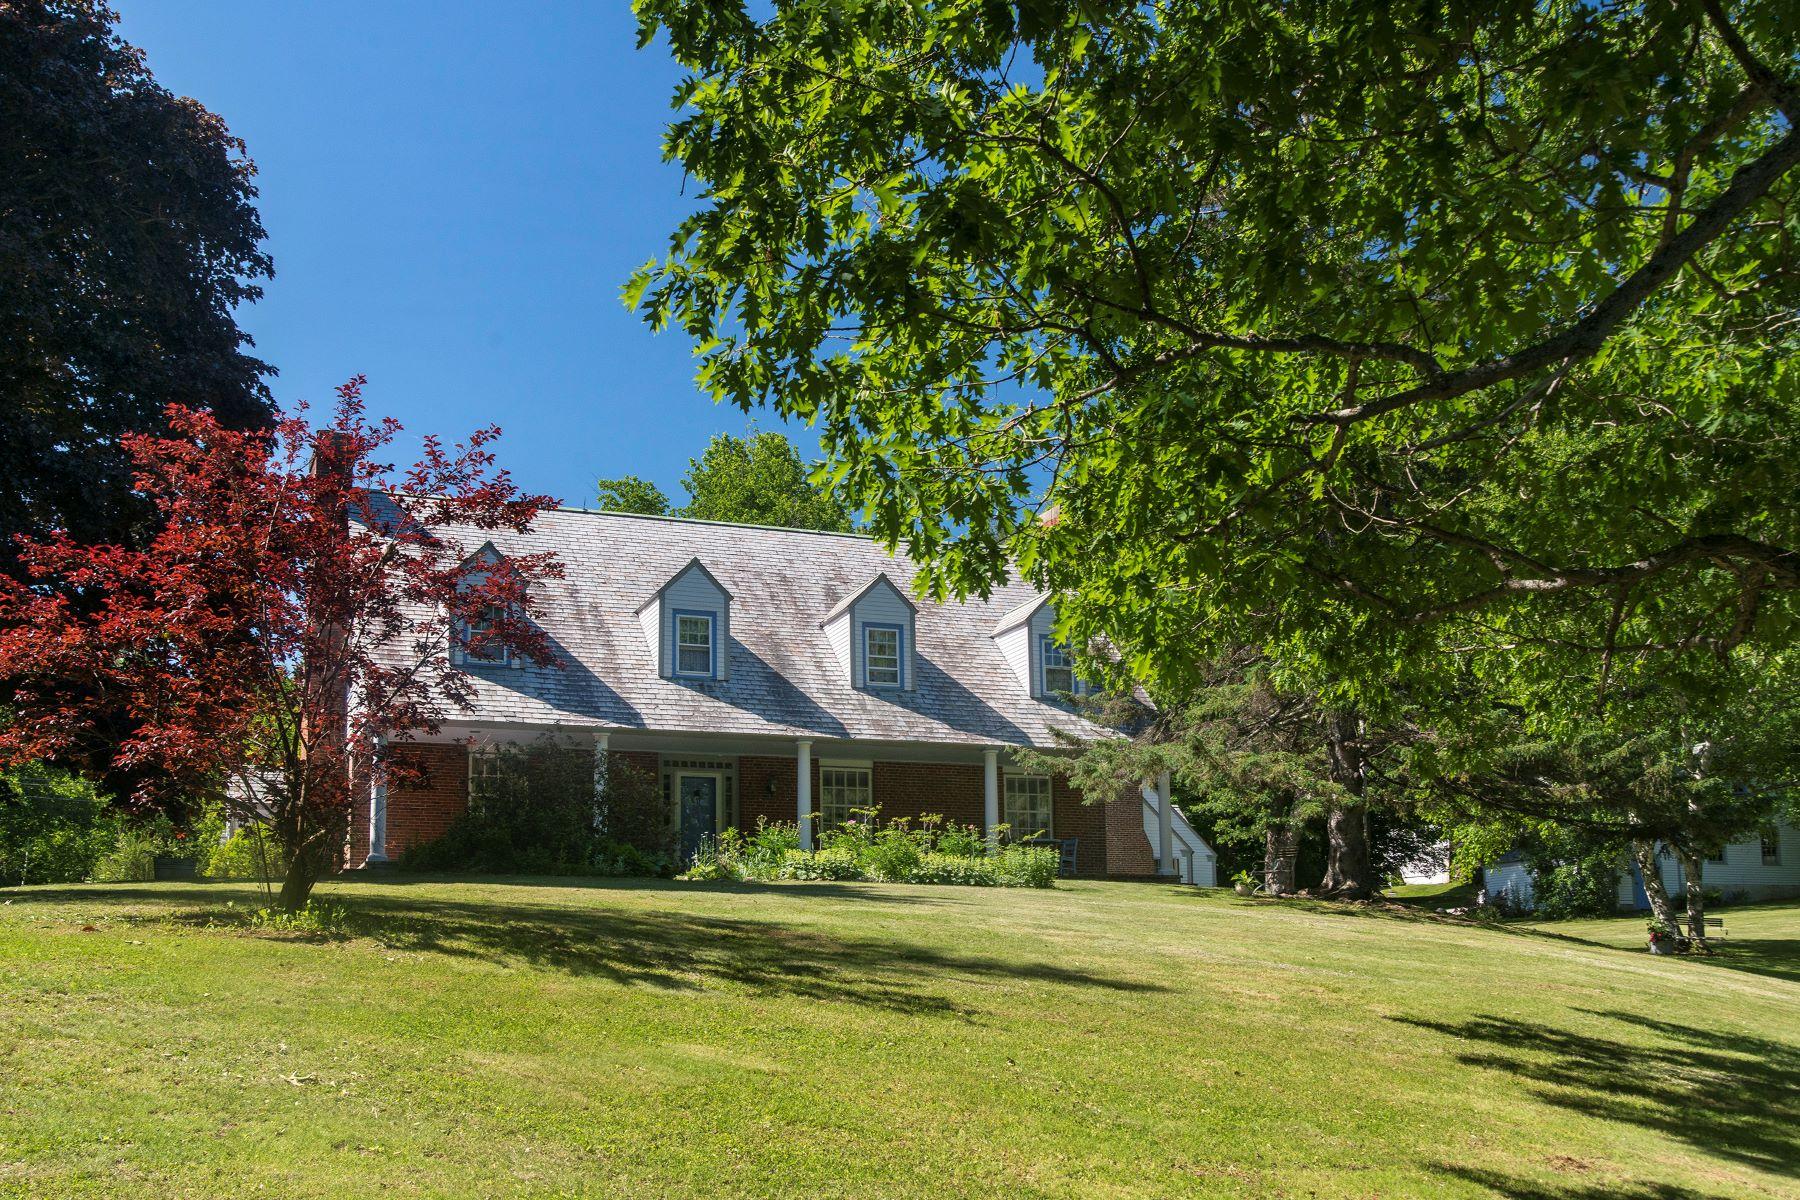 Villa per Vendita alle ore 17 Fernald Street Wilton, Maine, 04294 Stati Uniti